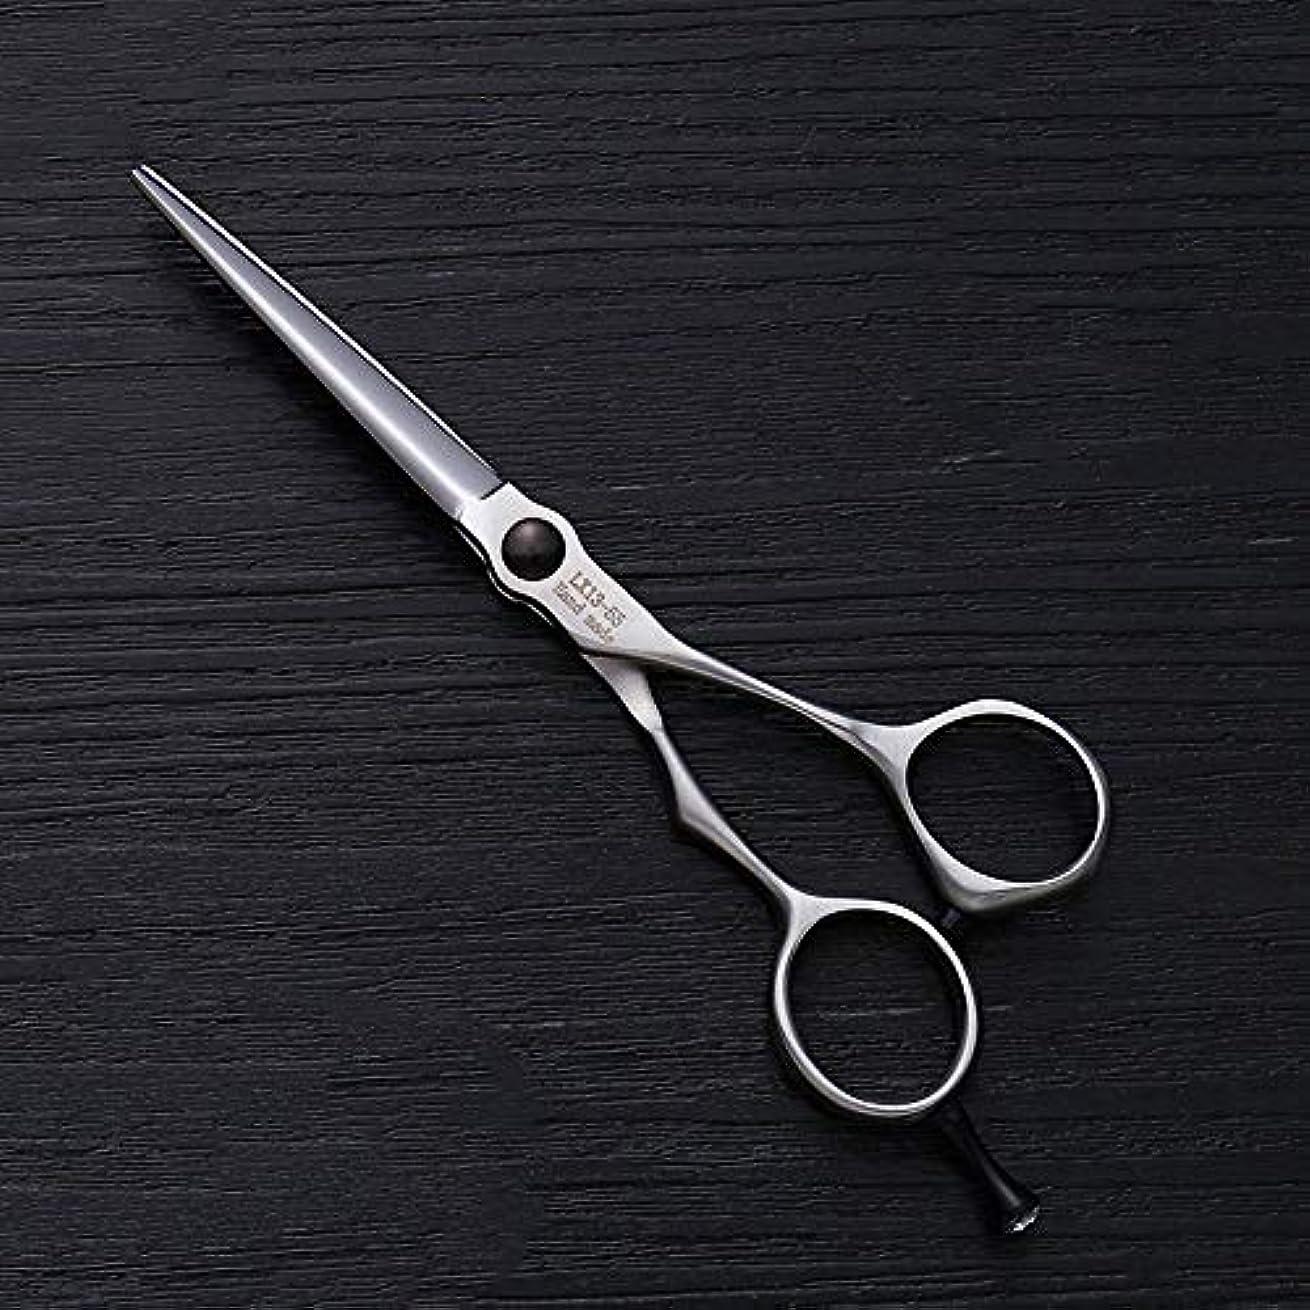 ポット女の子マージ5.5インチの理髪はさみのステンレス鋼の平らなせん断 ヘアケア (色 : Silver)